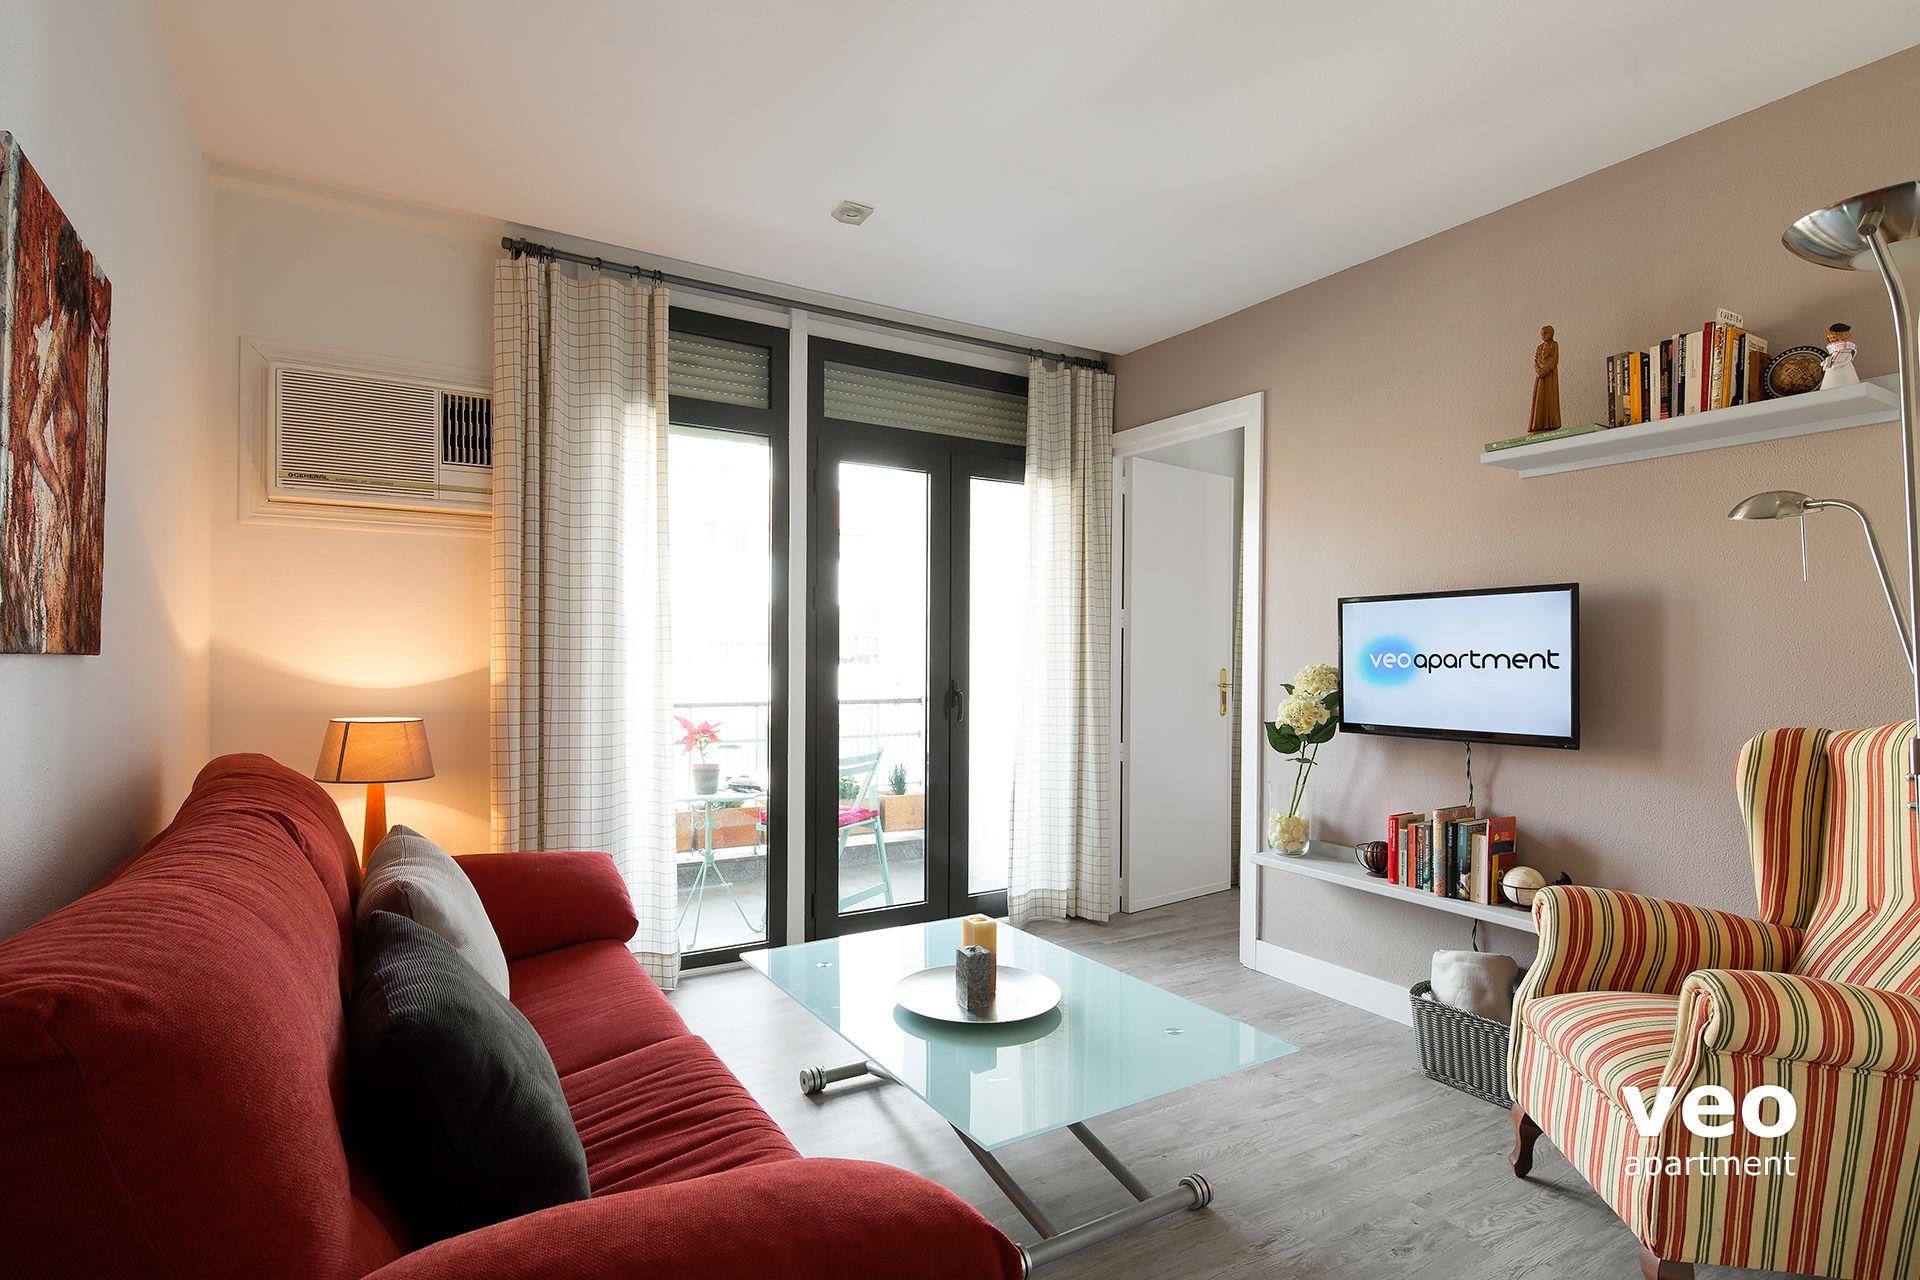 Sevilla apartmento calle imagen sevilla espa a imagen for V encarnacion salon